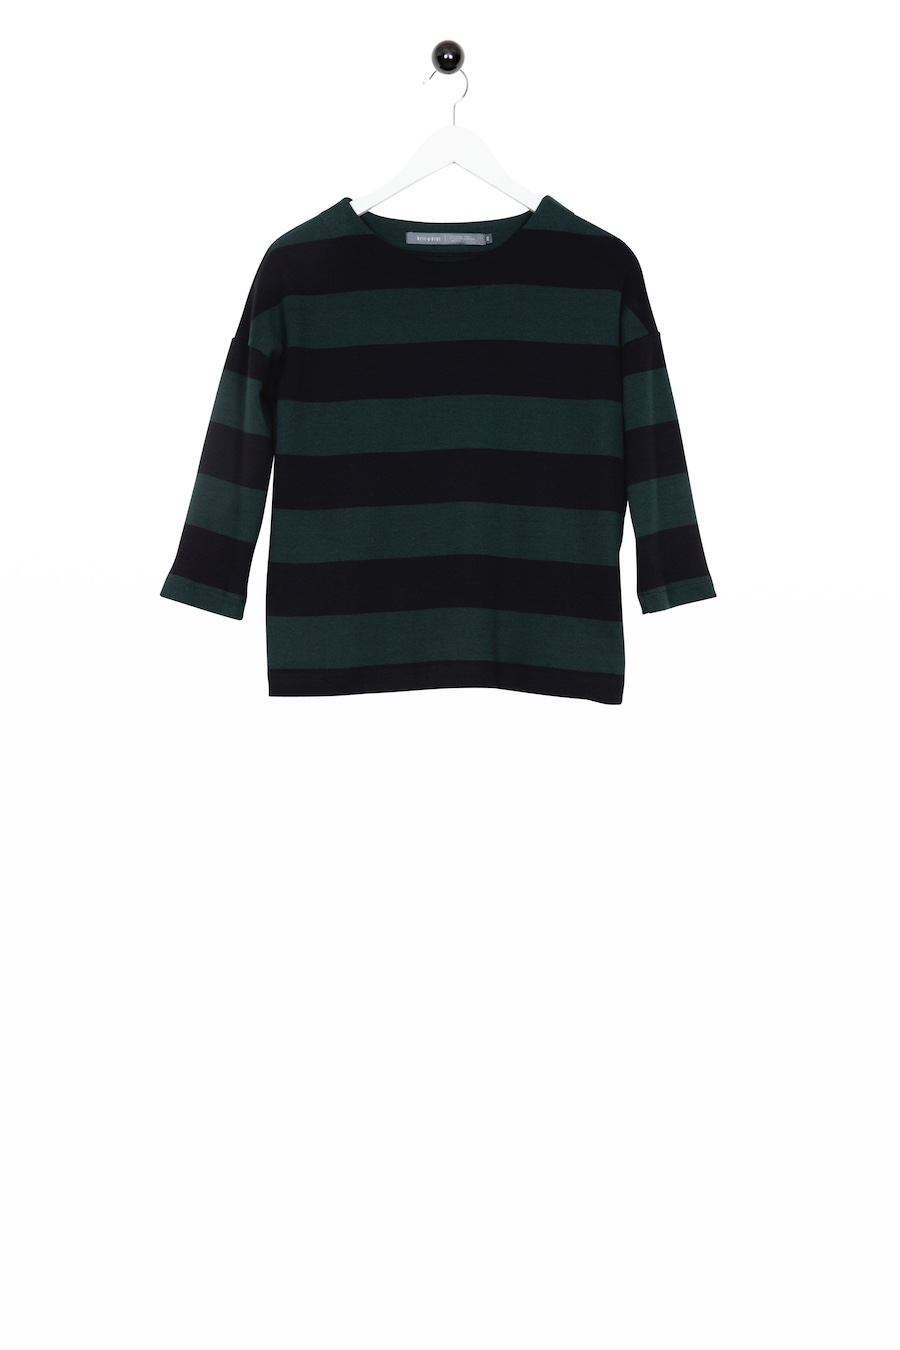 Marstrand Sweater